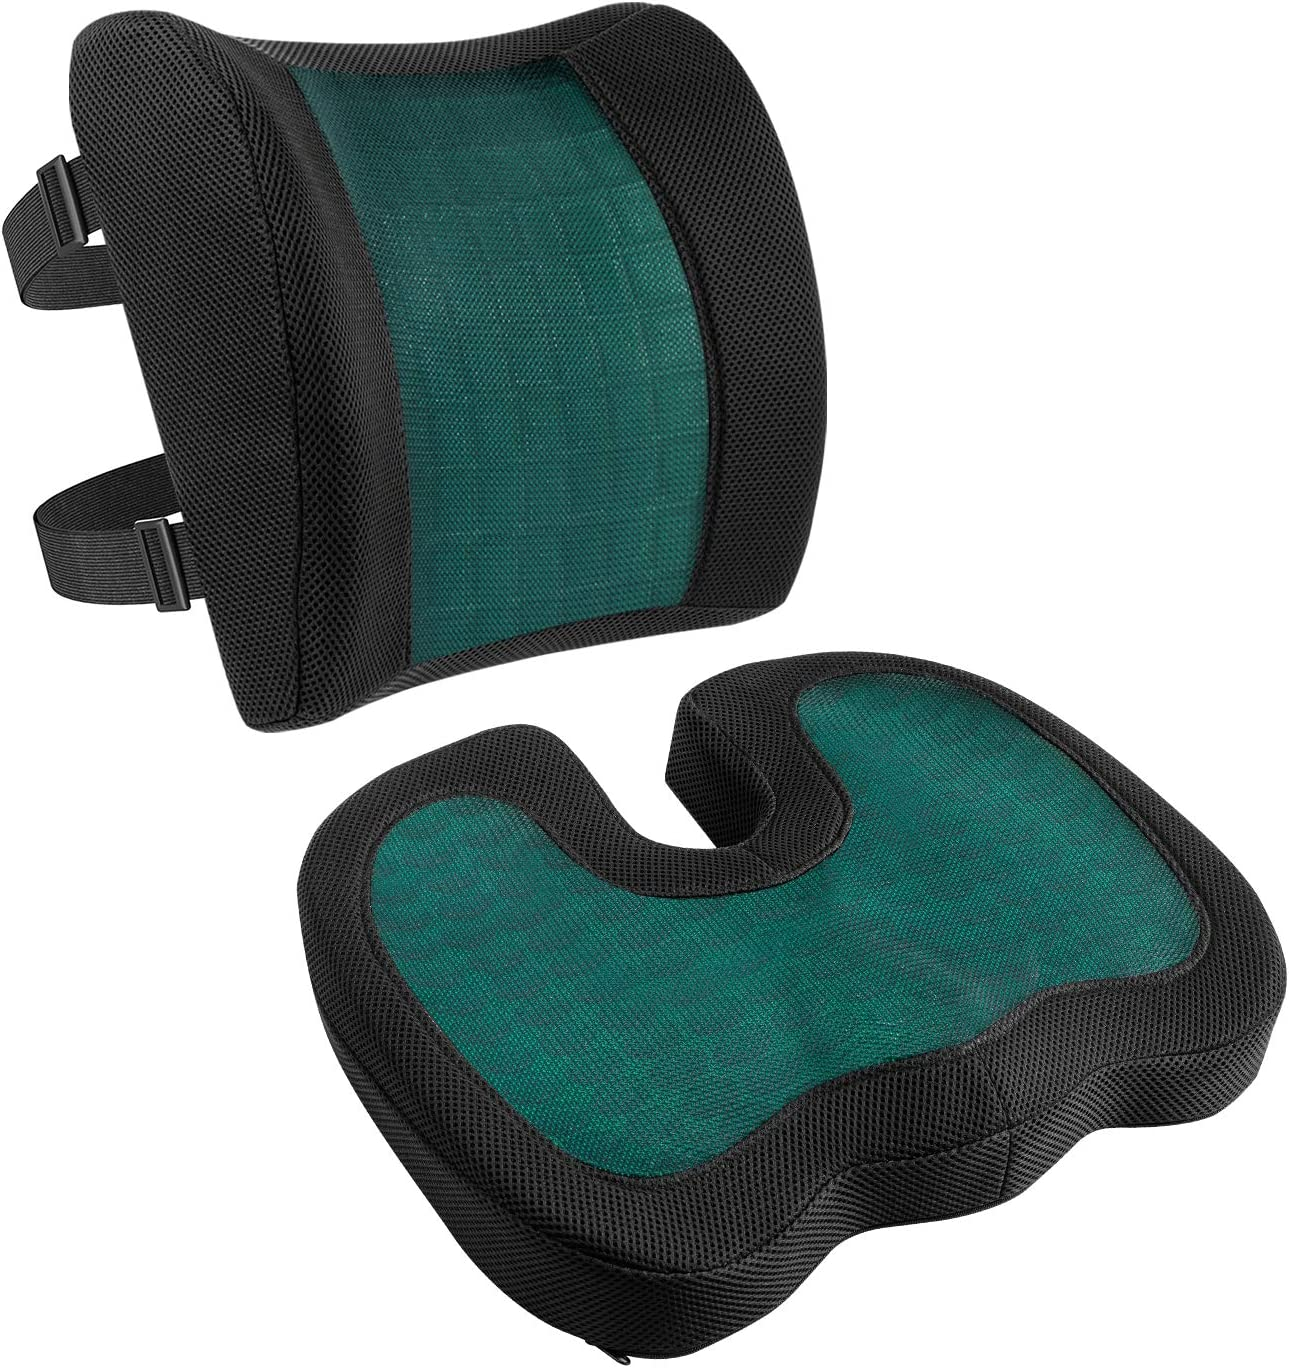 Amazon Basics Juego de 2 cojines con apoyo lumbar, espuma viscoelástica con gel refrescante, color negro